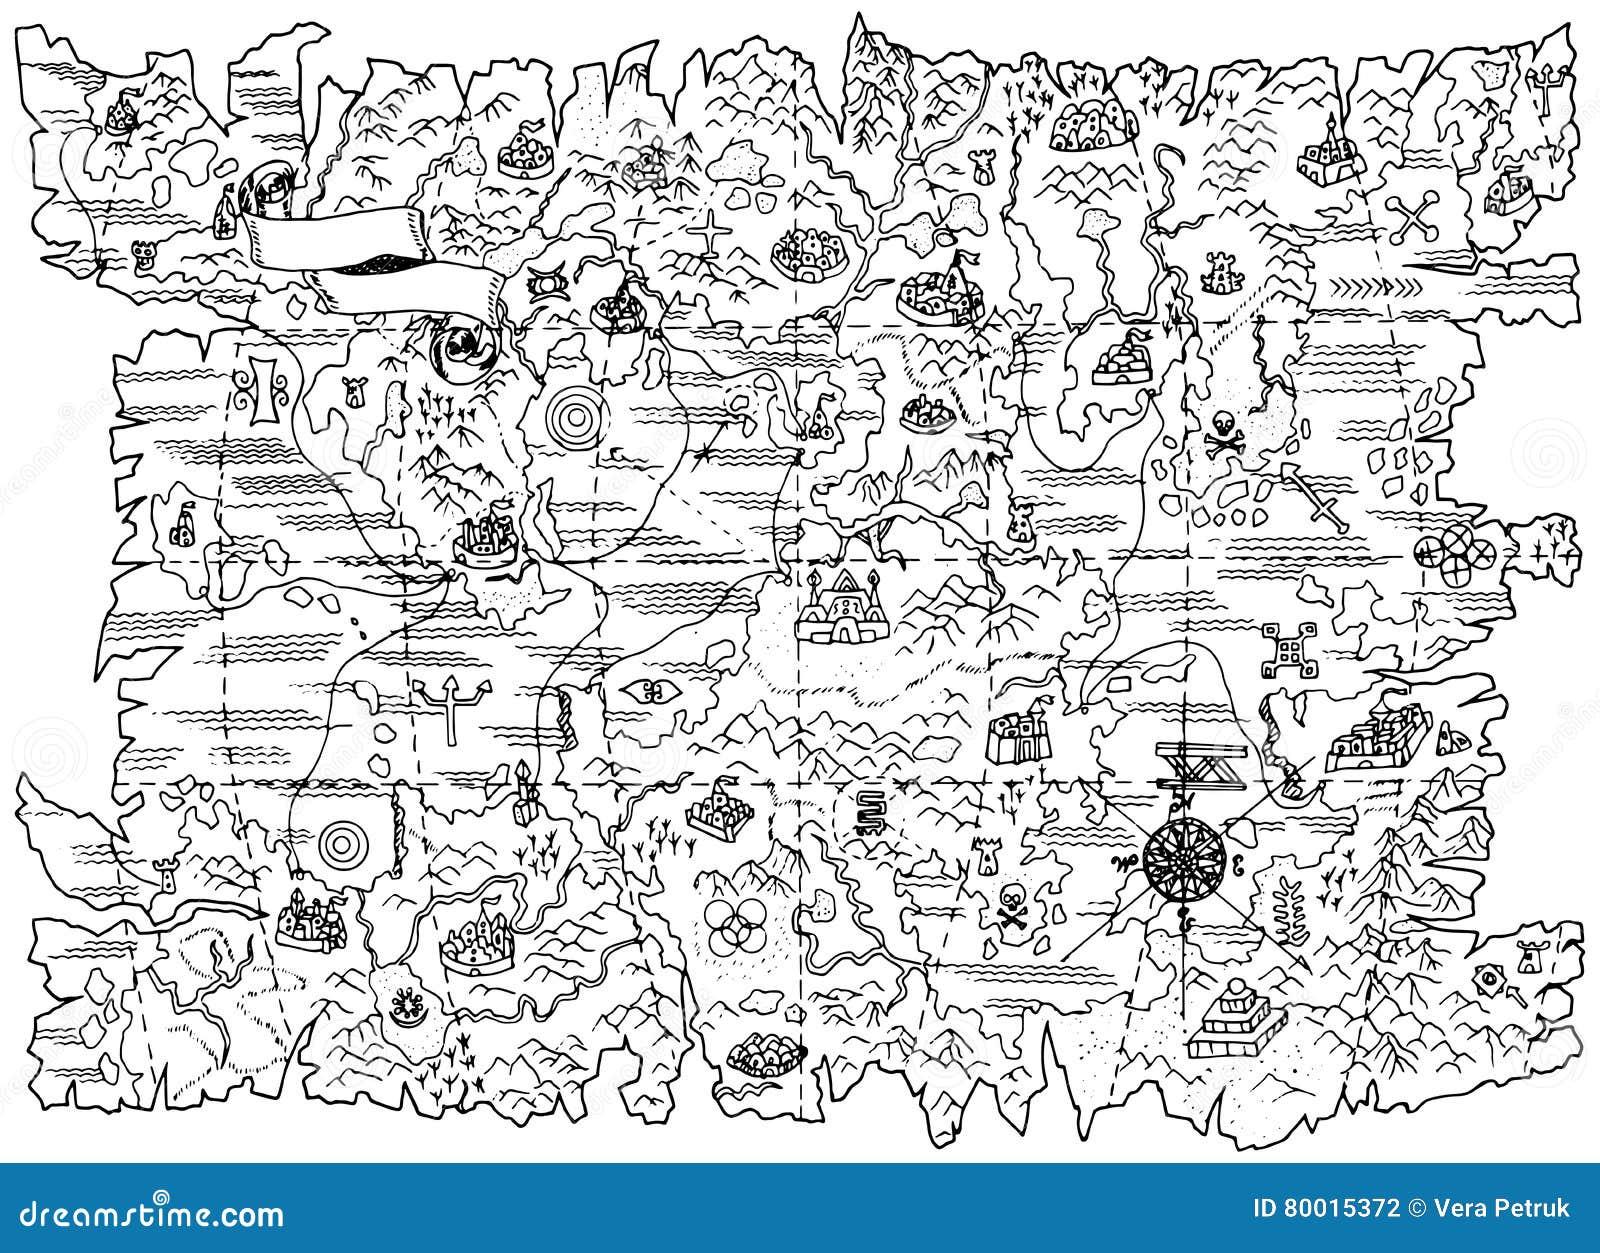 Carte Au Tresor Noir Et Blanc.Illustration Noire Et Blanche De Carte De Pirate De Terre D